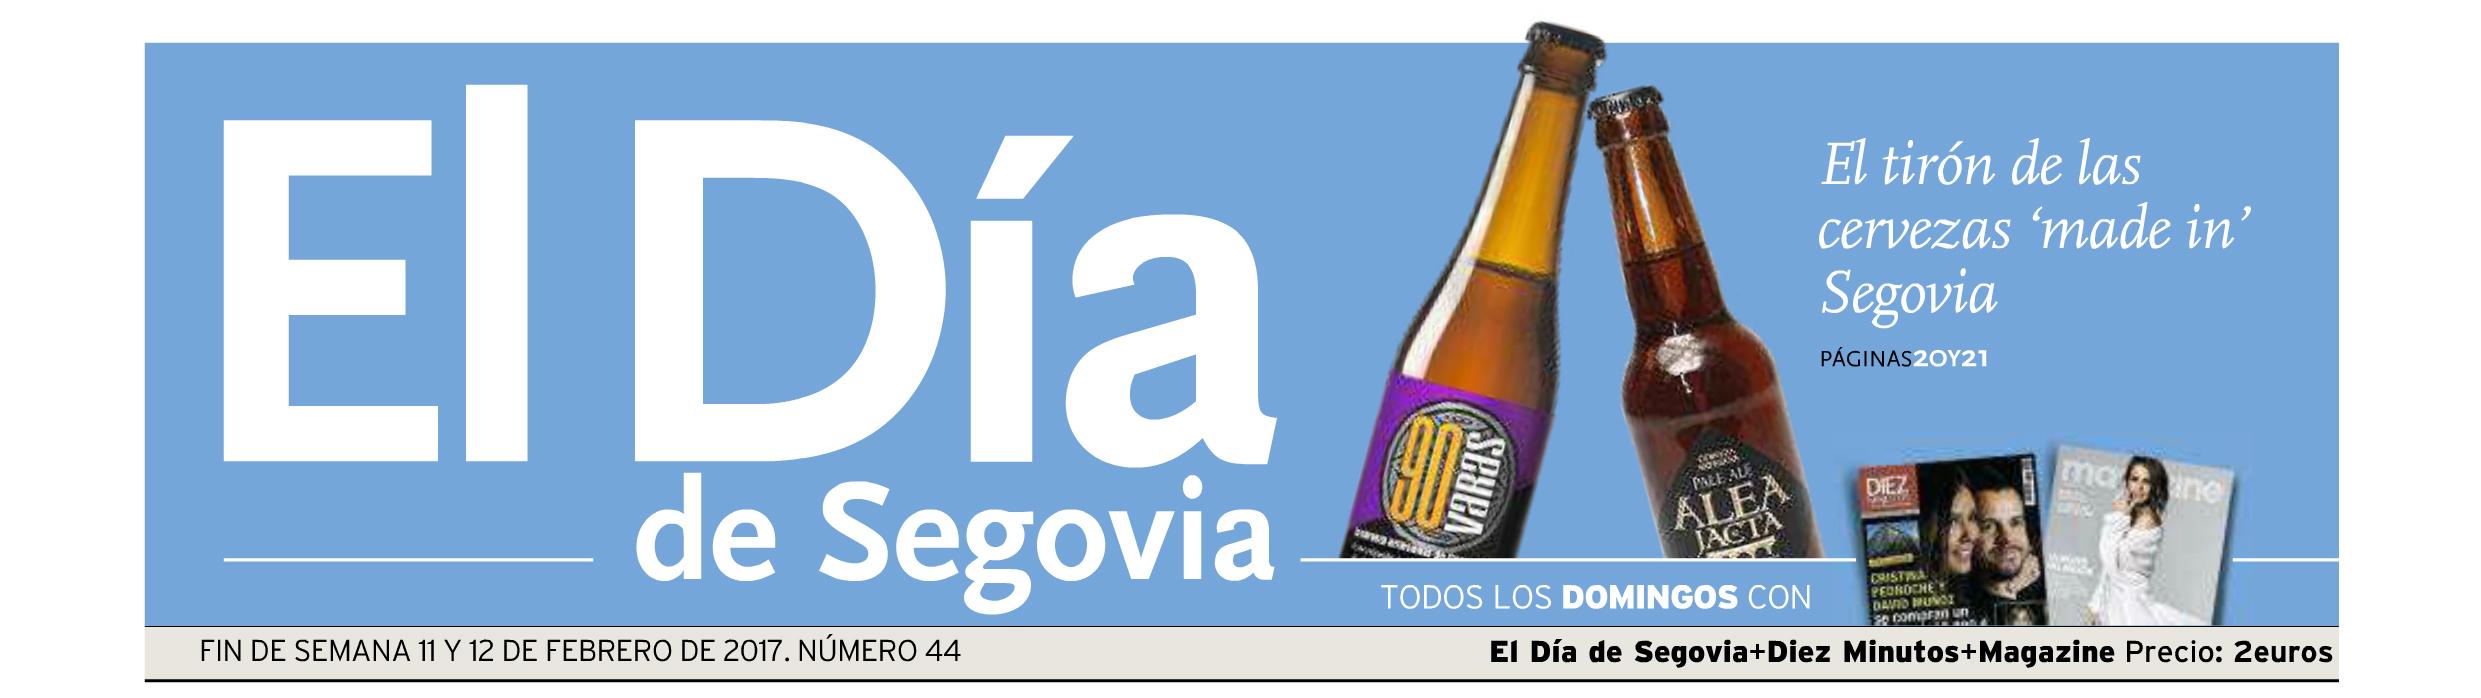 Portada_El_Dia_de_Segovia_Alea_Jacta_170211